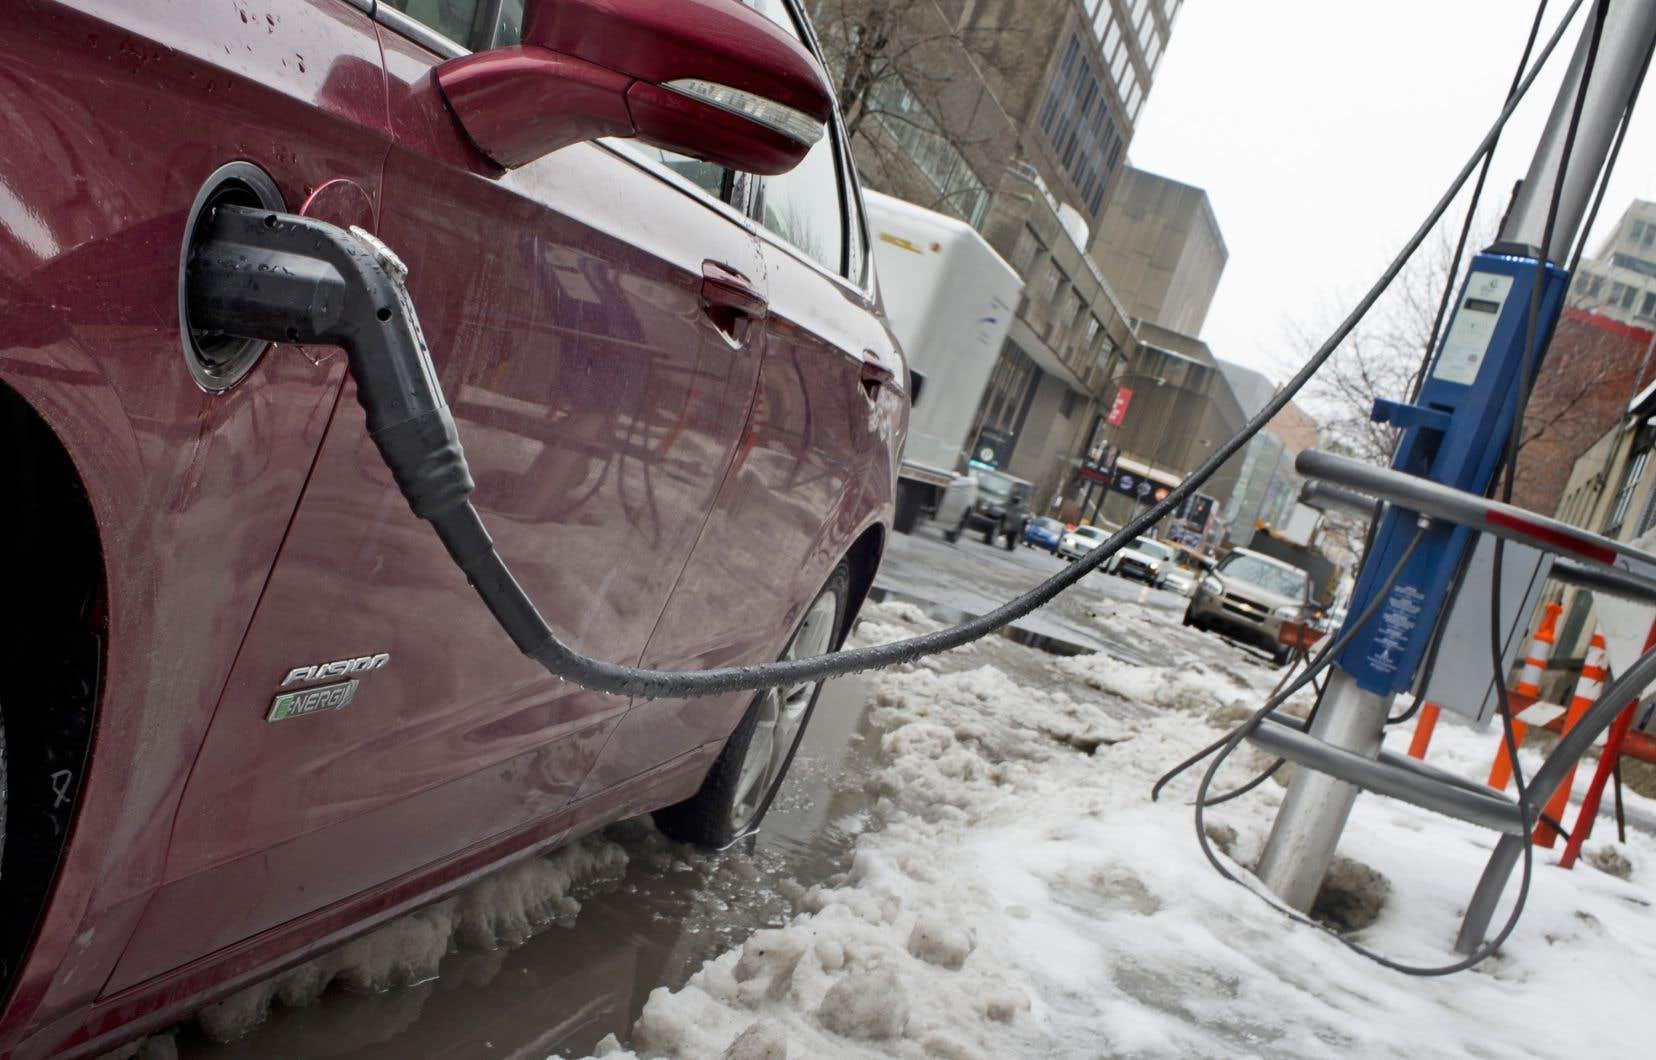 L'ancien gouvernement libéral de Philippe Couillard s'était donné pour objectif de mettre 100 000 véhicules rechargeables sur les routes d'ici 2020.